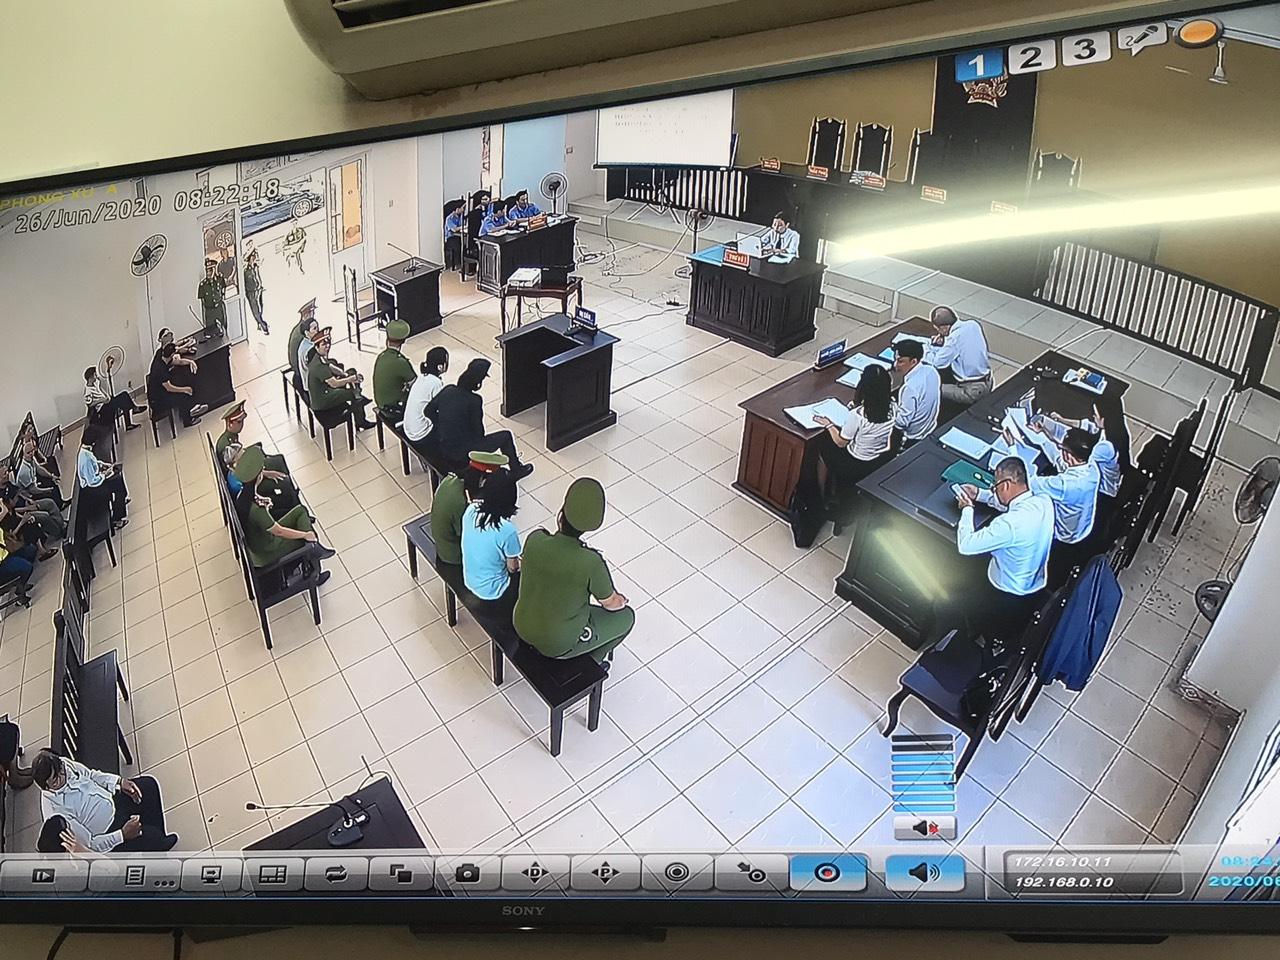 Phiên tòa được truyền trực tiếp cho báo chí, người dân theo dõi từ bên ngoài phòng xét xử